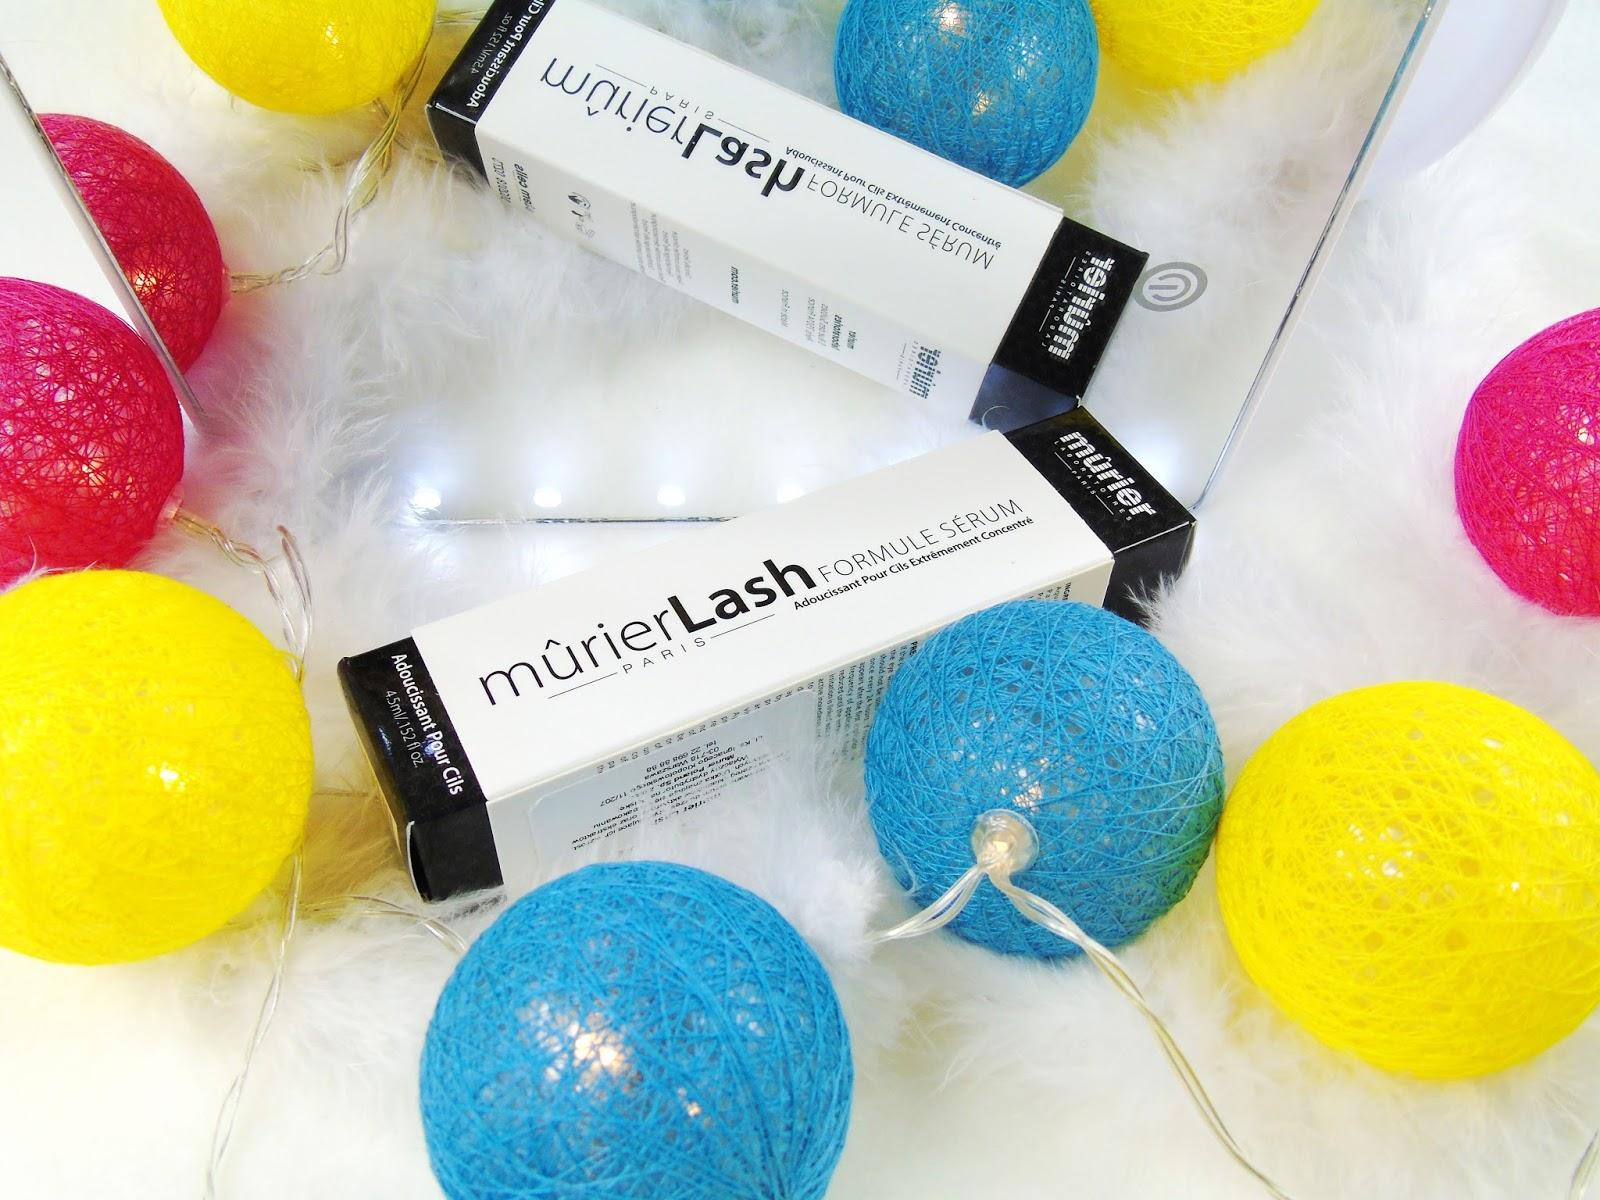 Serum MurierLash - Rewolucyjny kosmetyk przyspieszający porost rzęs - Moje pierwsze wrażenia z testów.